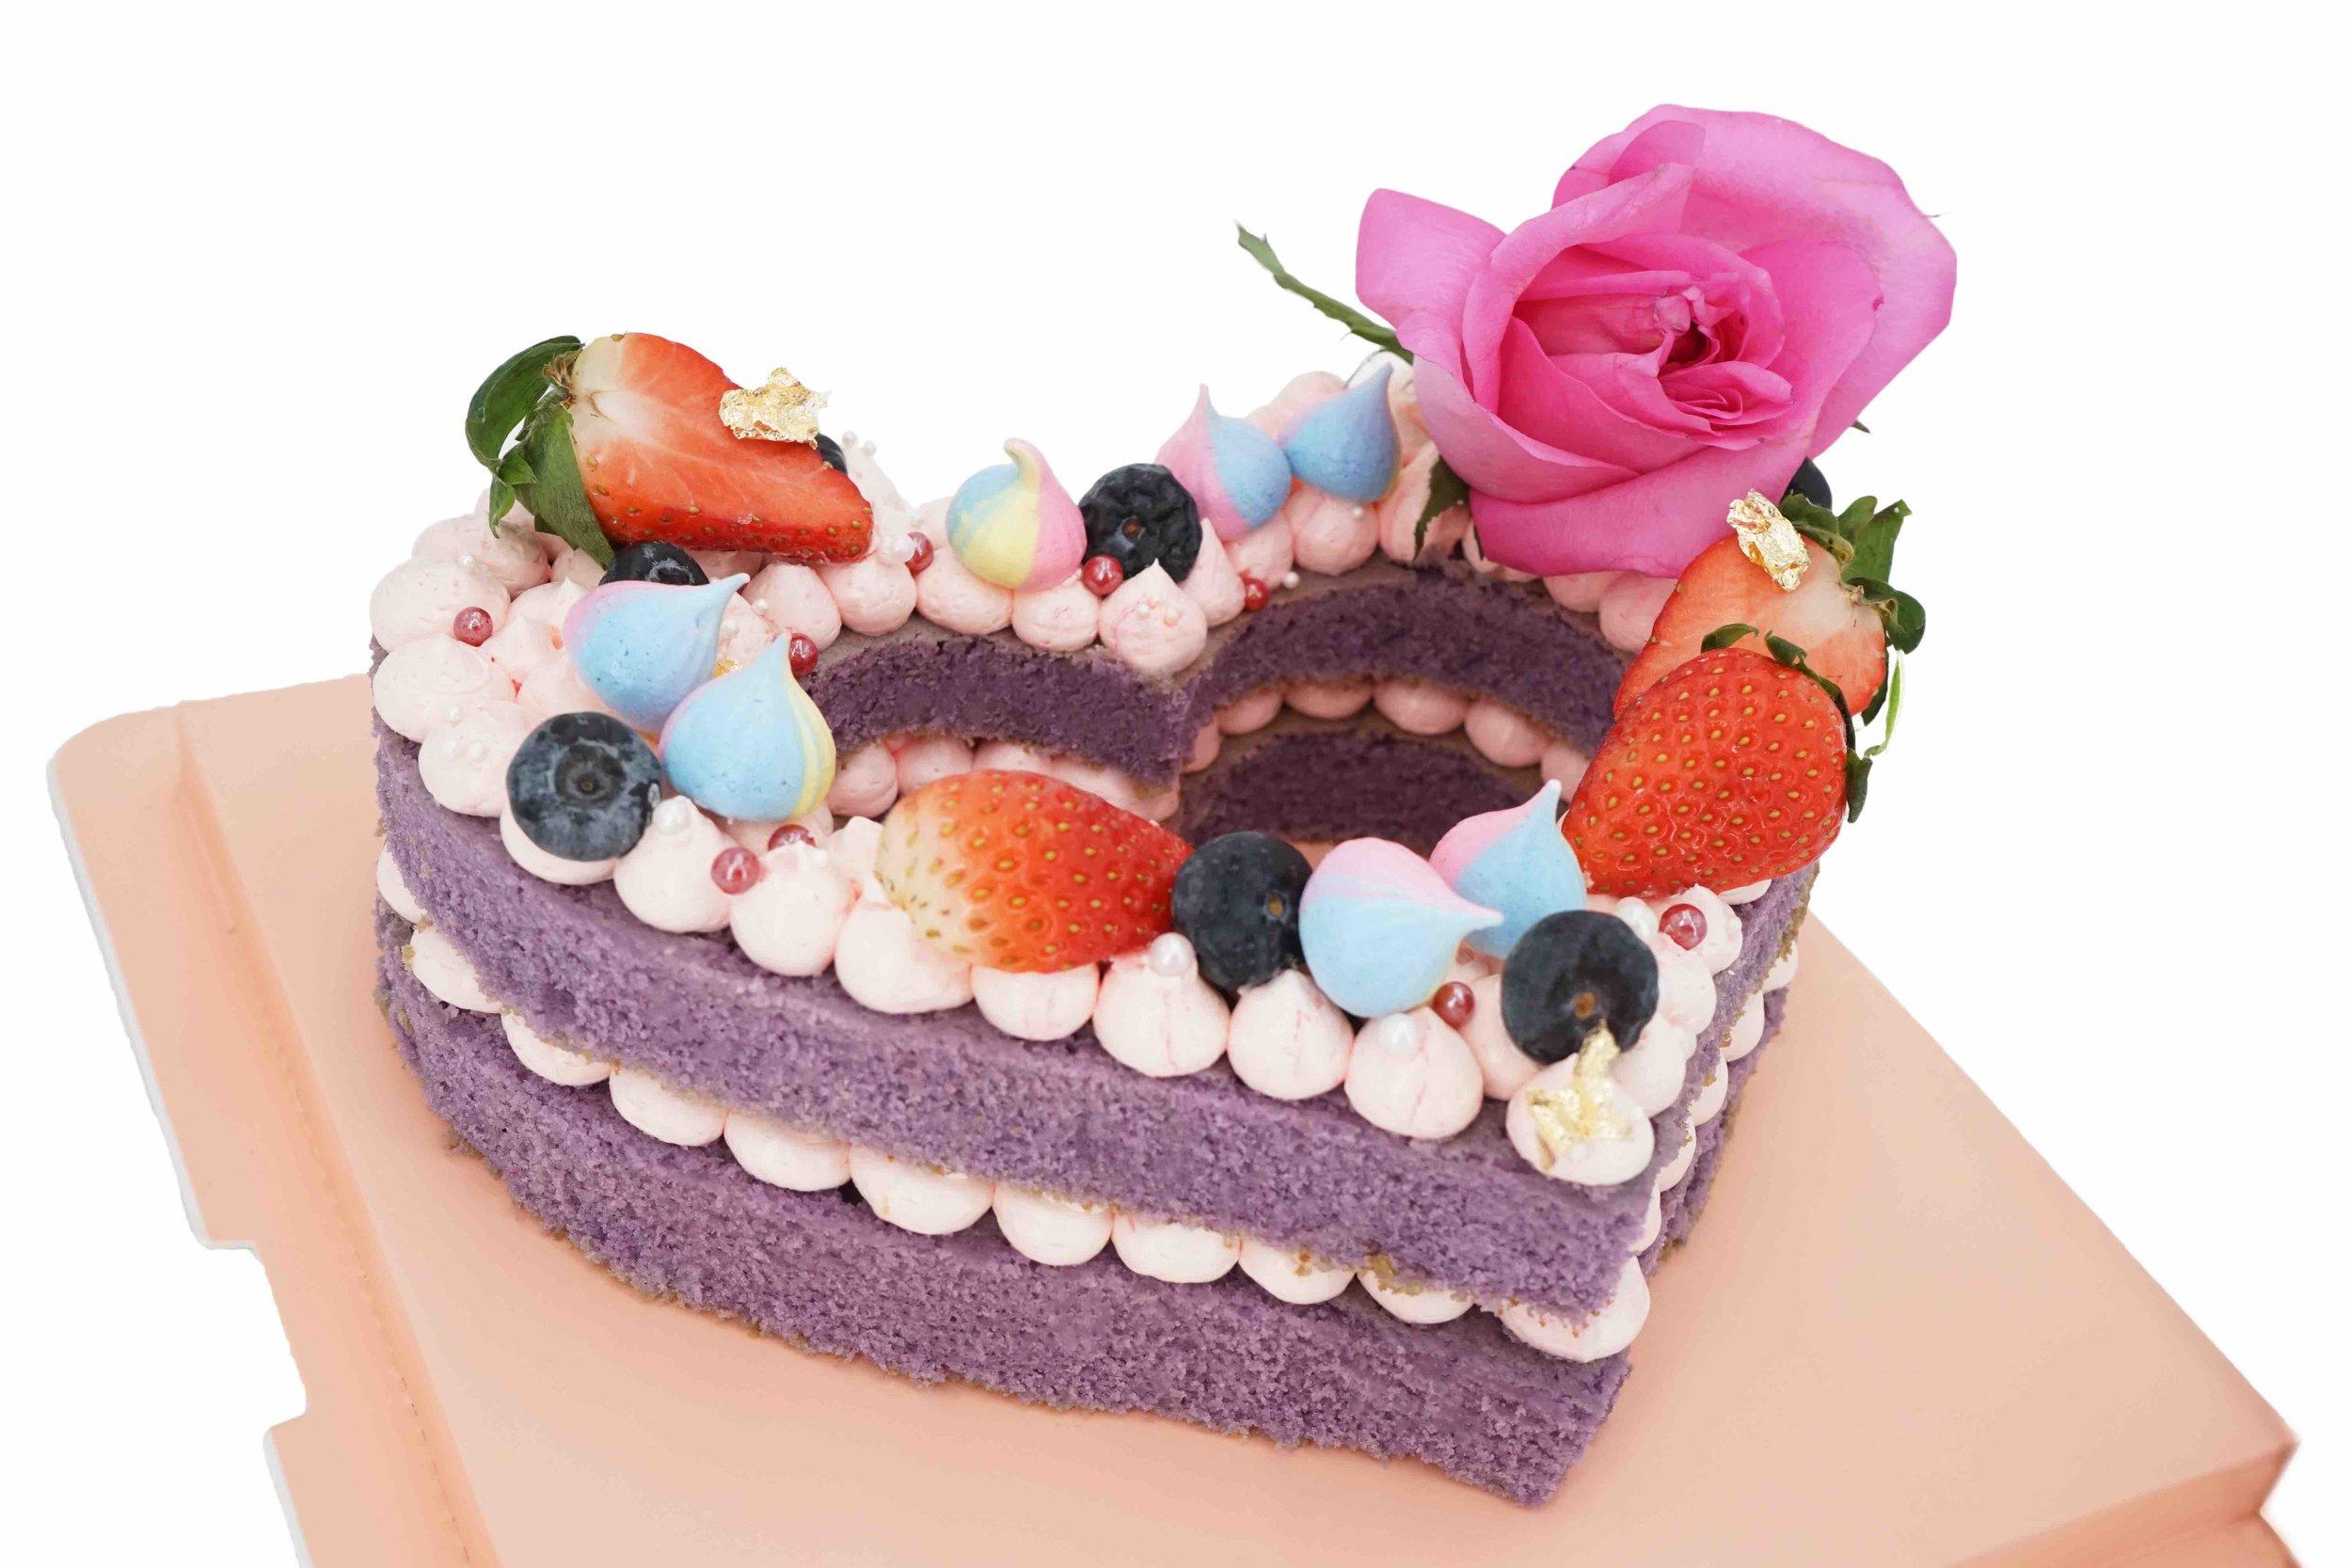 heart_cake copy.jpg